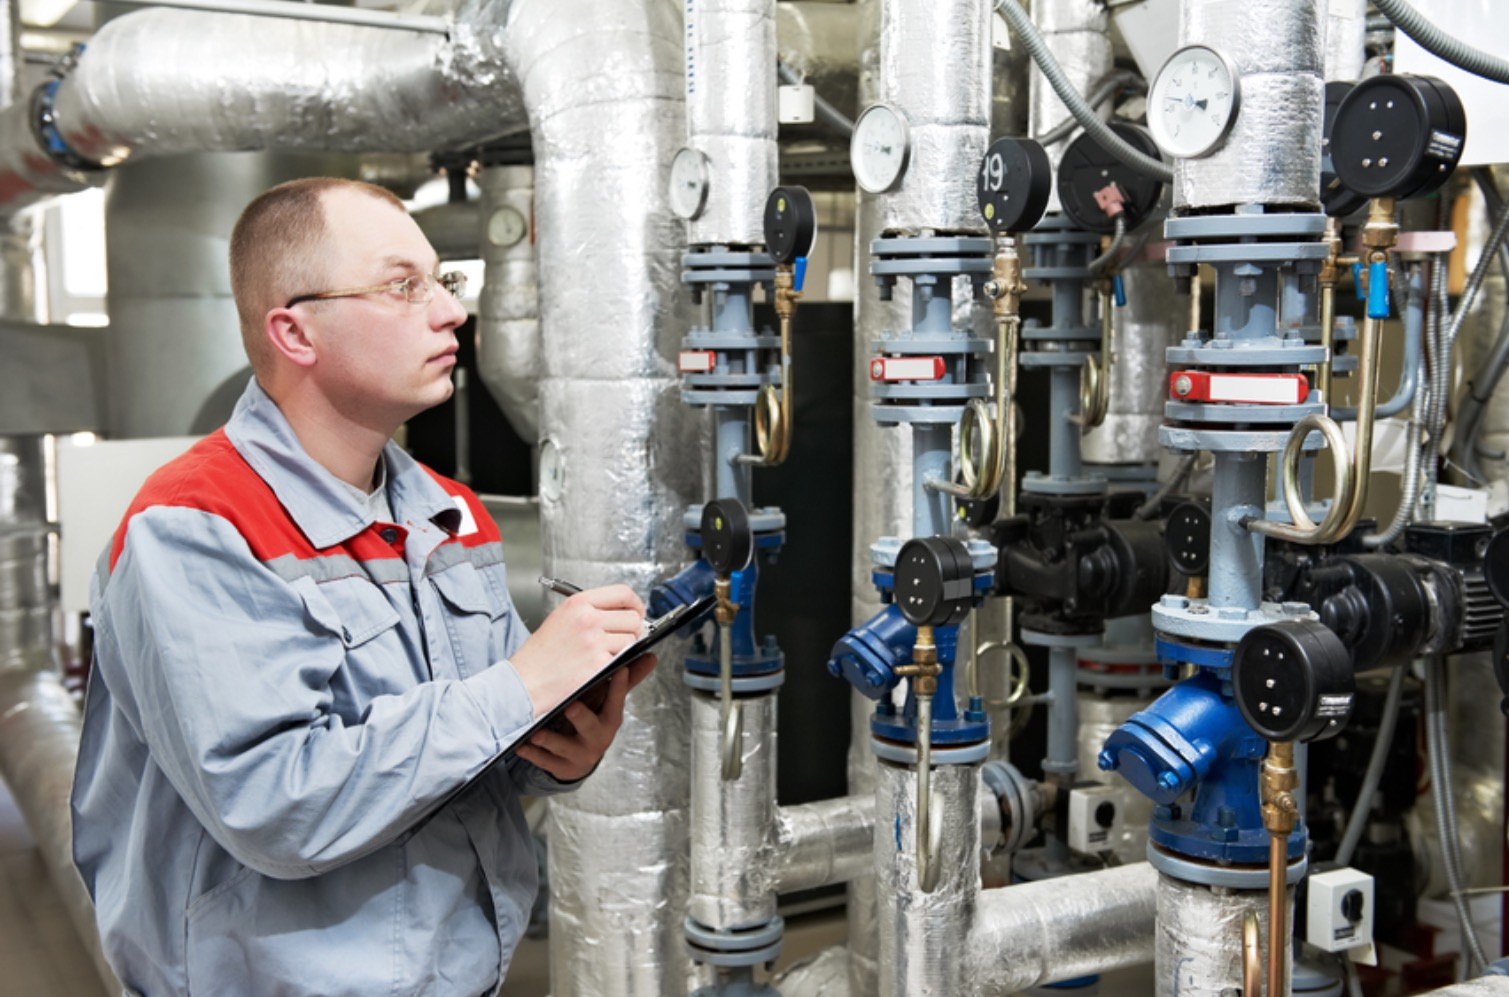 какои контроль долж быть за газовои котельнои производство